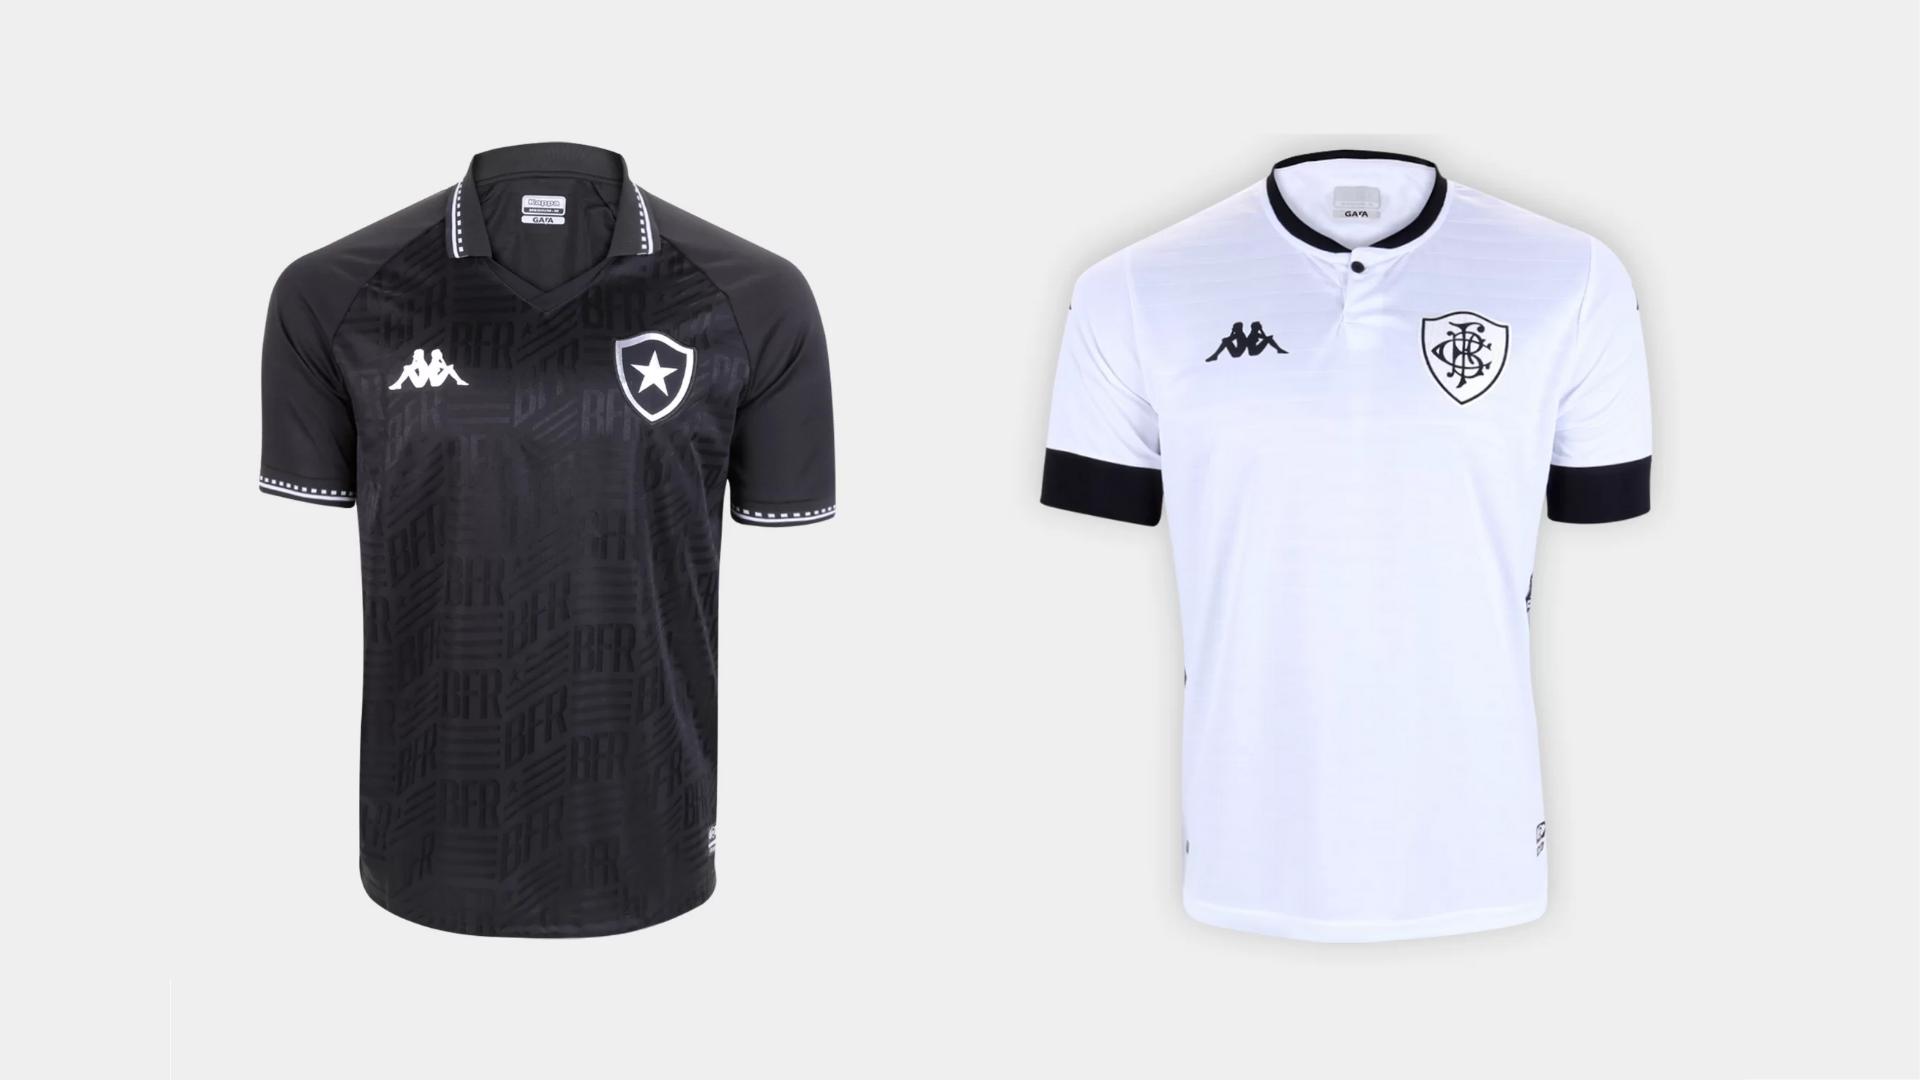 Camisa do Botafogo 2021 Kappa Jogo 2 e 3 (Imagem: Divulgação/Kappa)